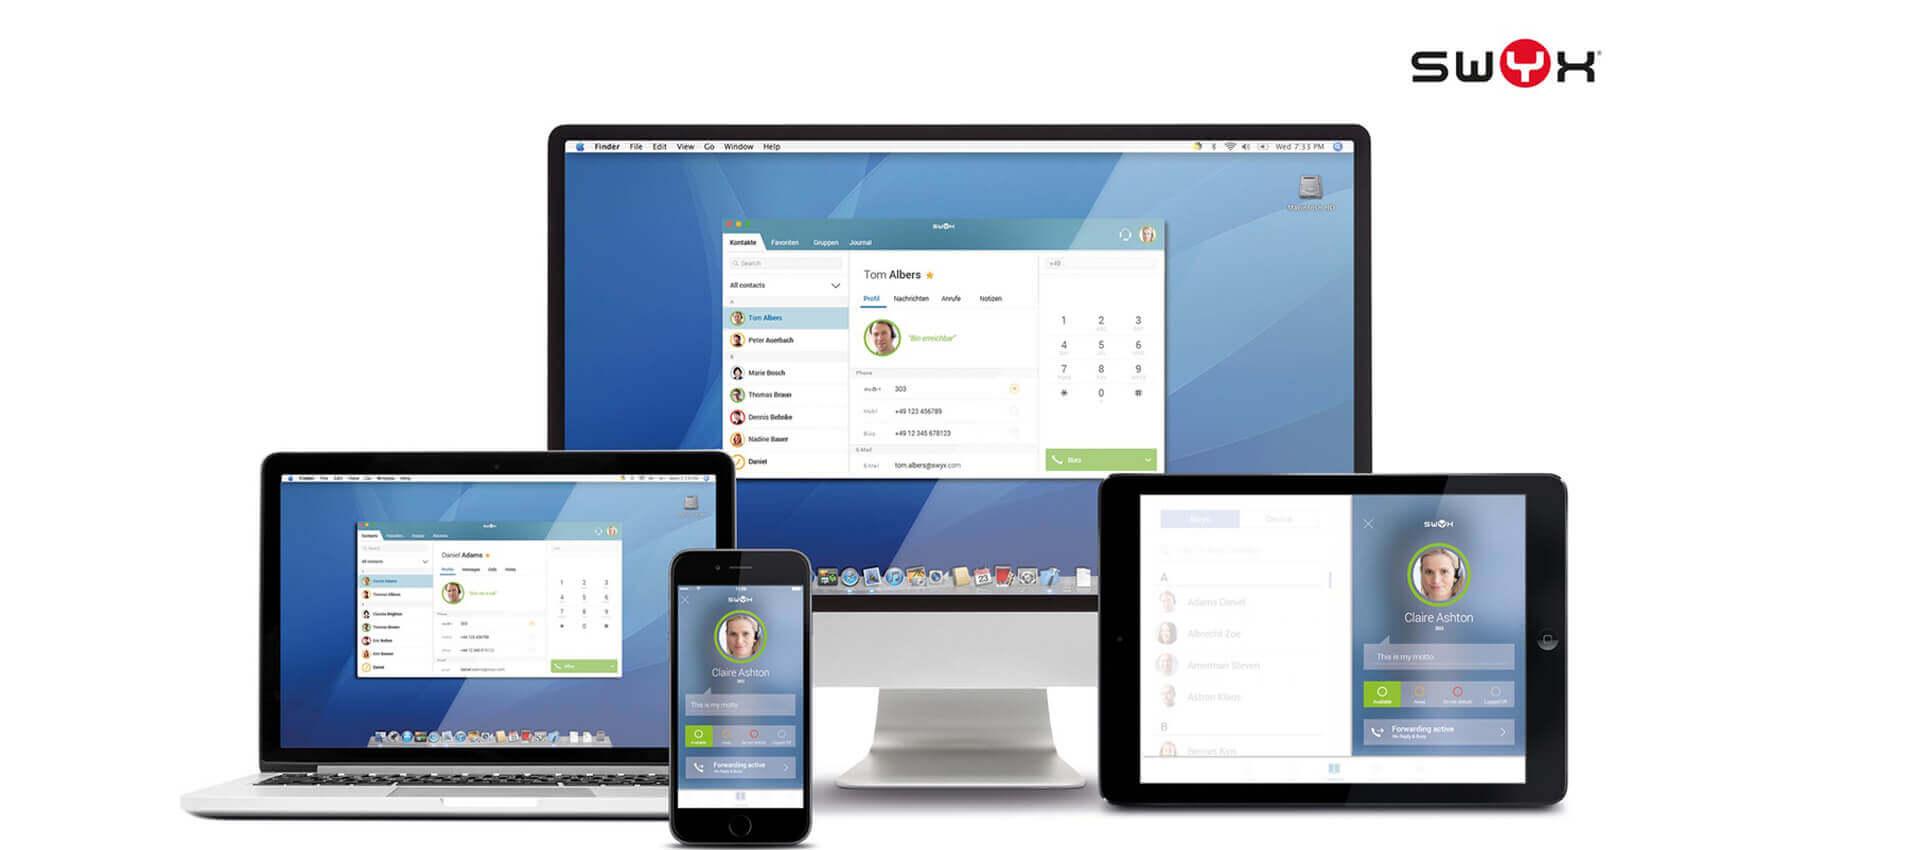 Team4IT IT-Lösungen VoIP Kommunikationslösung Swyx